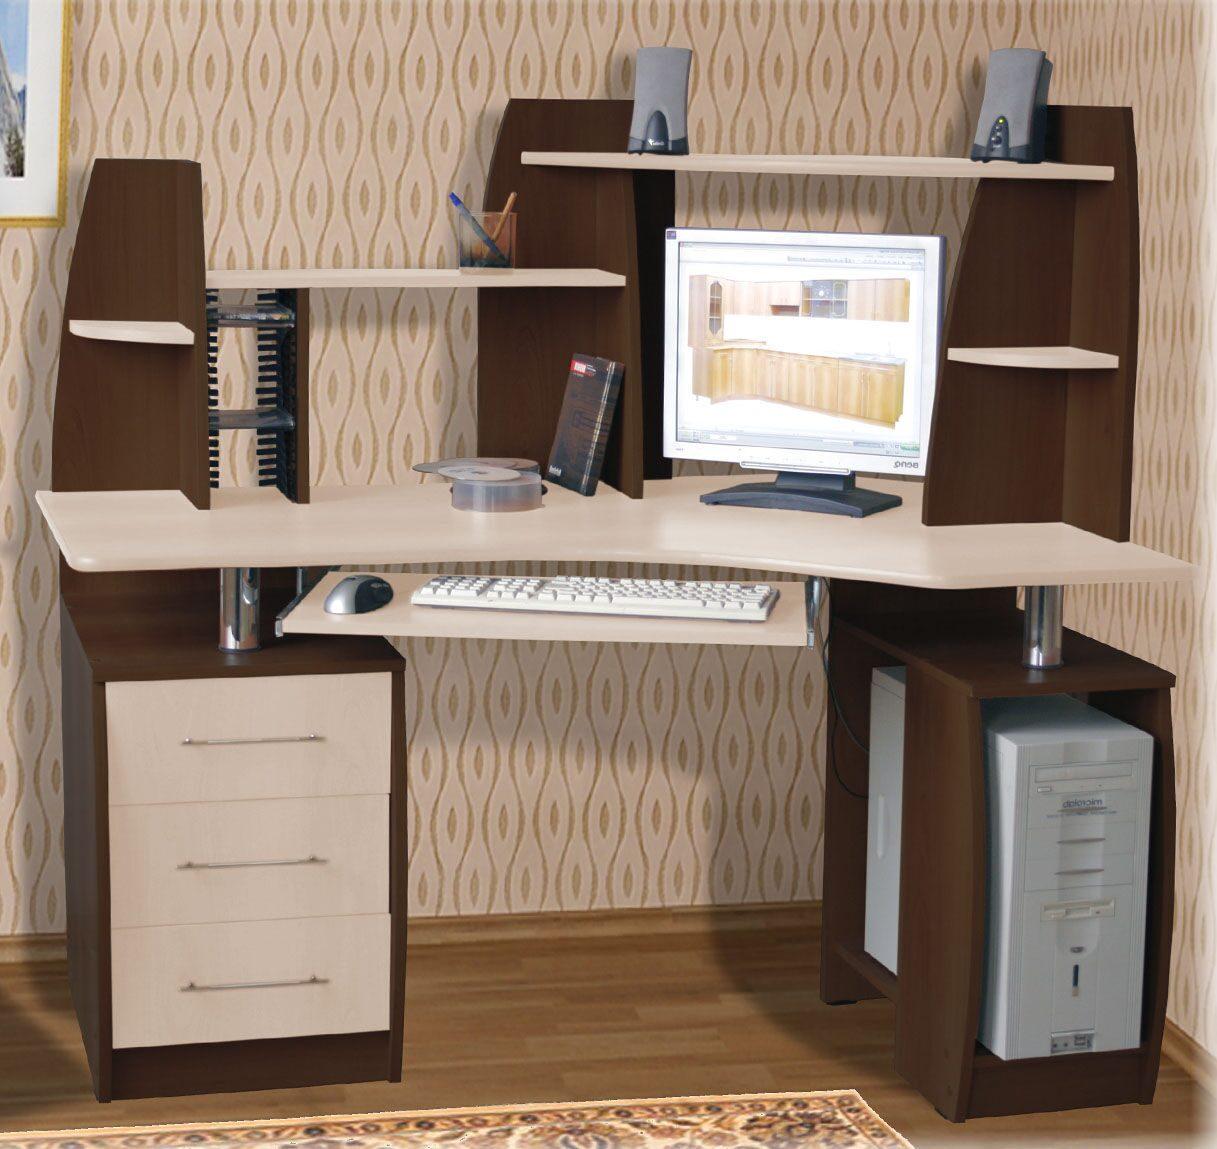 Купить мебель в Уфе - Интернет-магазин «Мебель Люкс Уфа», кухни и мягкая